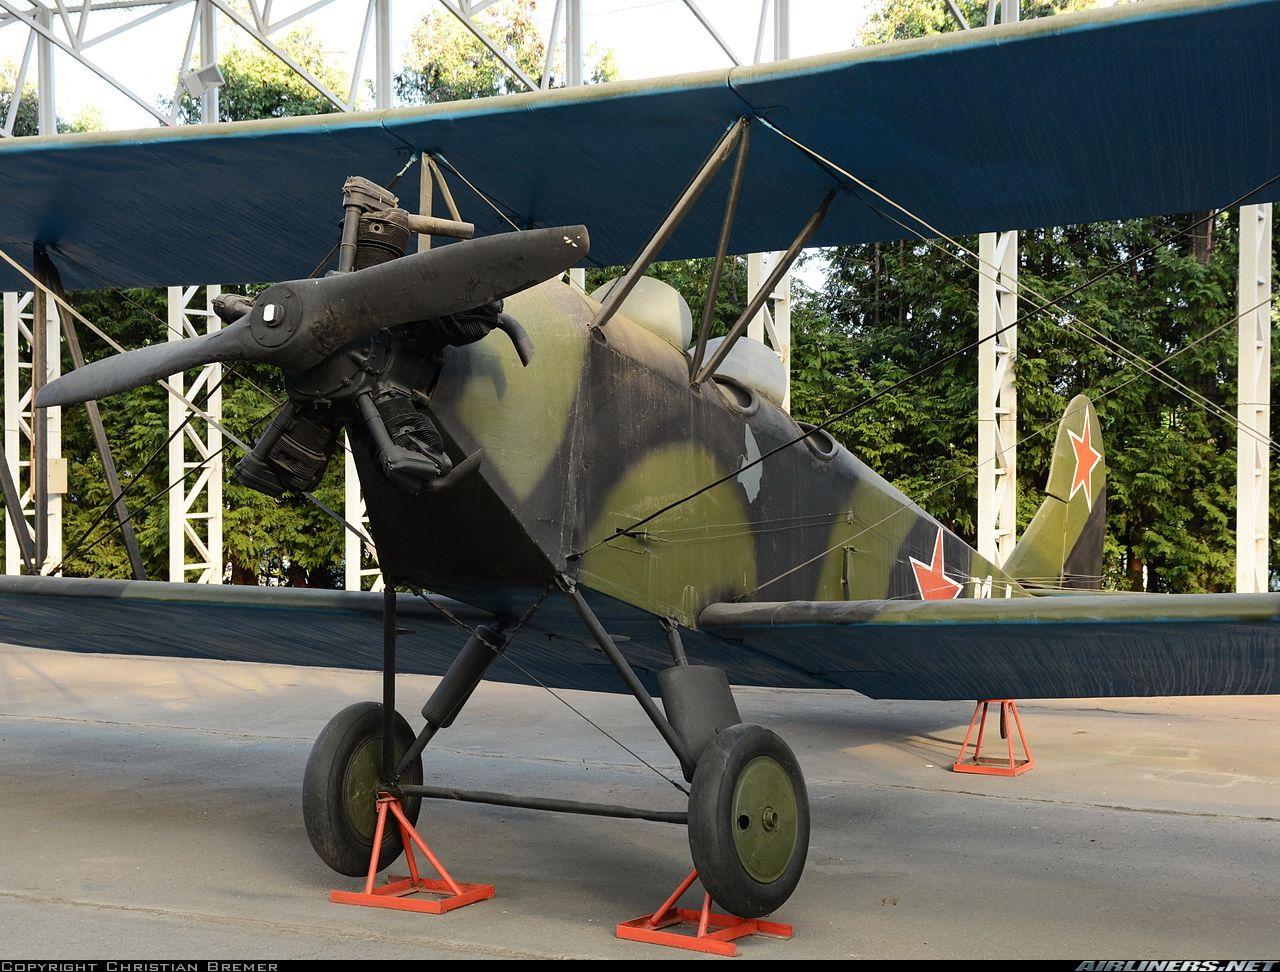 ポリカールポフポー-2 - ロシア - 空軍| 航空写真#4062273 | Airliners.net